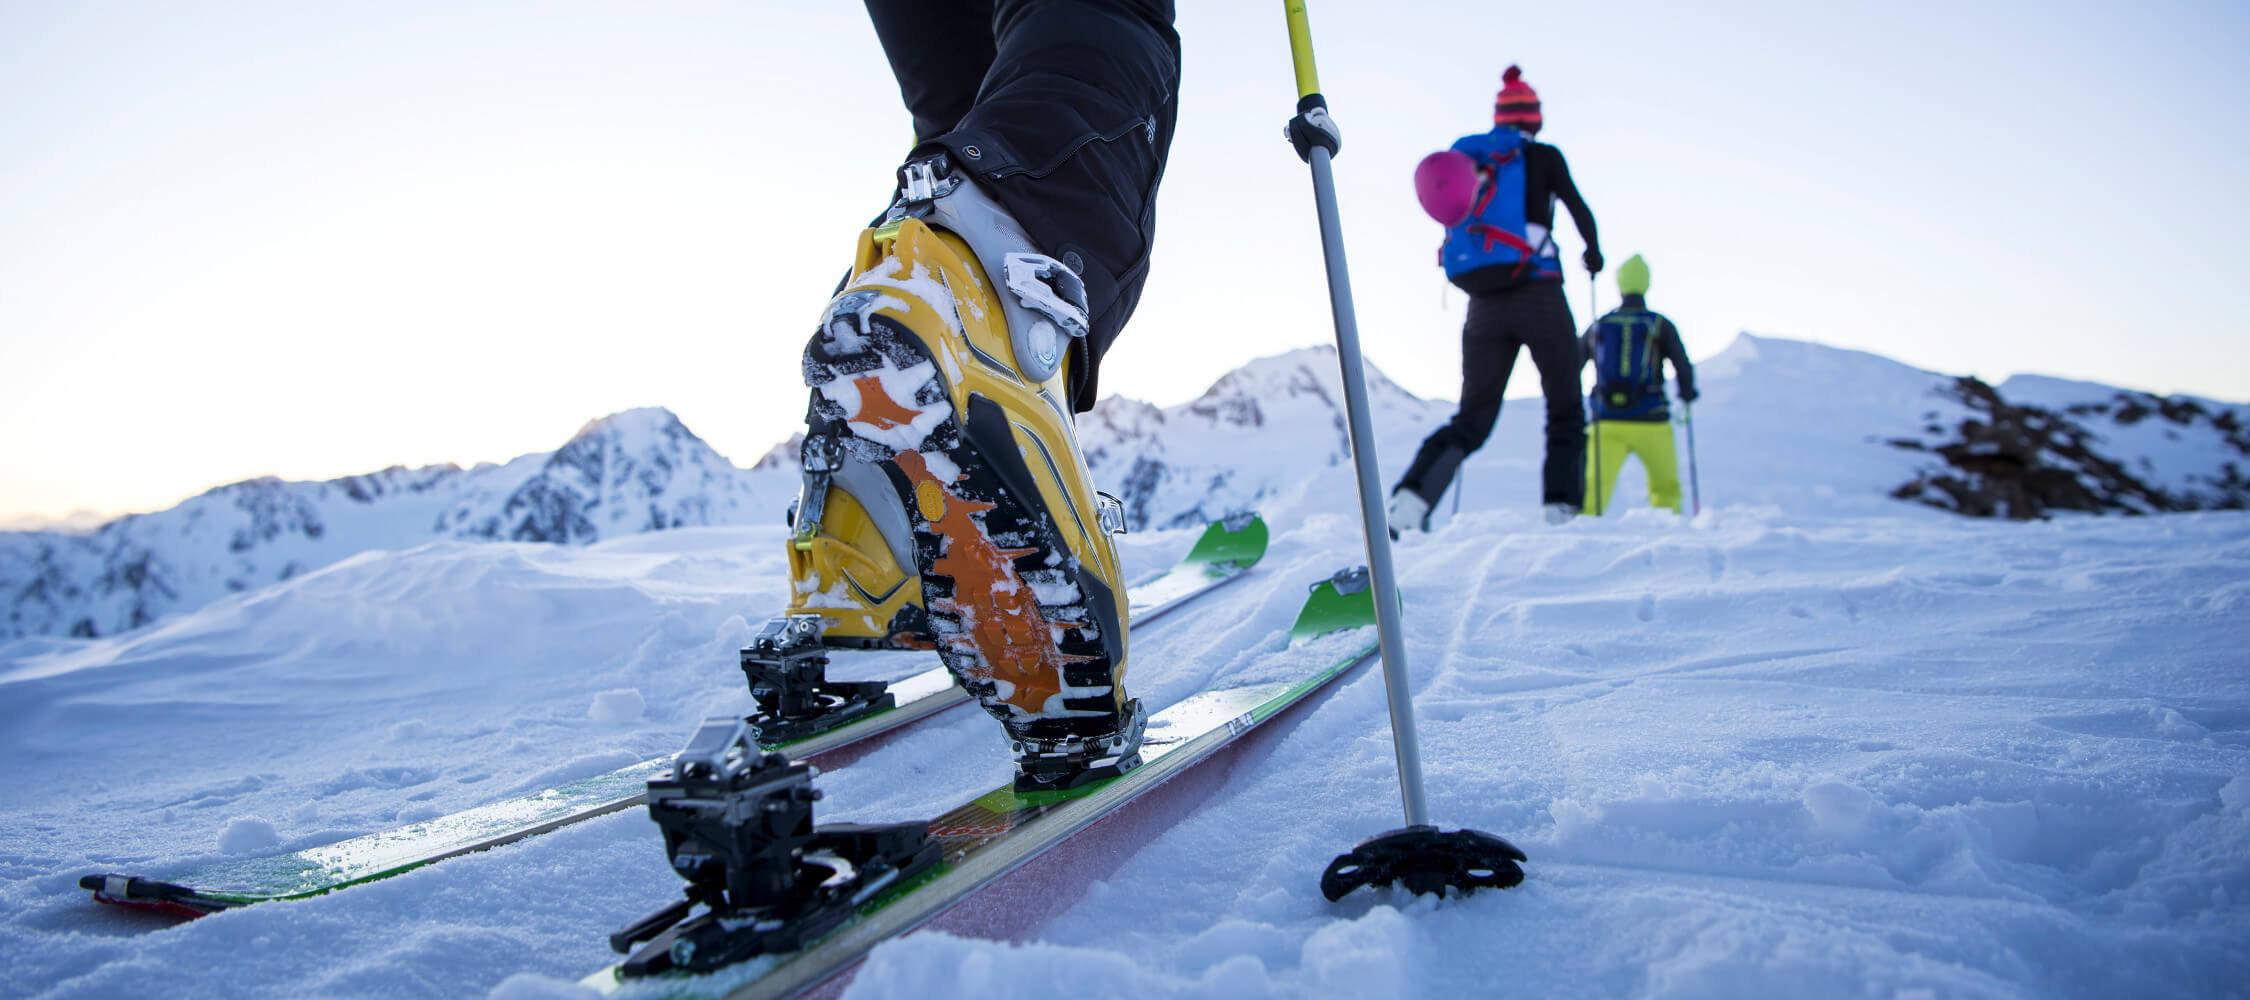 Italien-Trentino_Suedtirol_Alto_Adige_Merano_Meran_Natur_Sport_Winter_Schnee_Skitouren_Schnalstal_Gletscher_MGM-Alex- Filz_mgm01071scgl_2250x1000